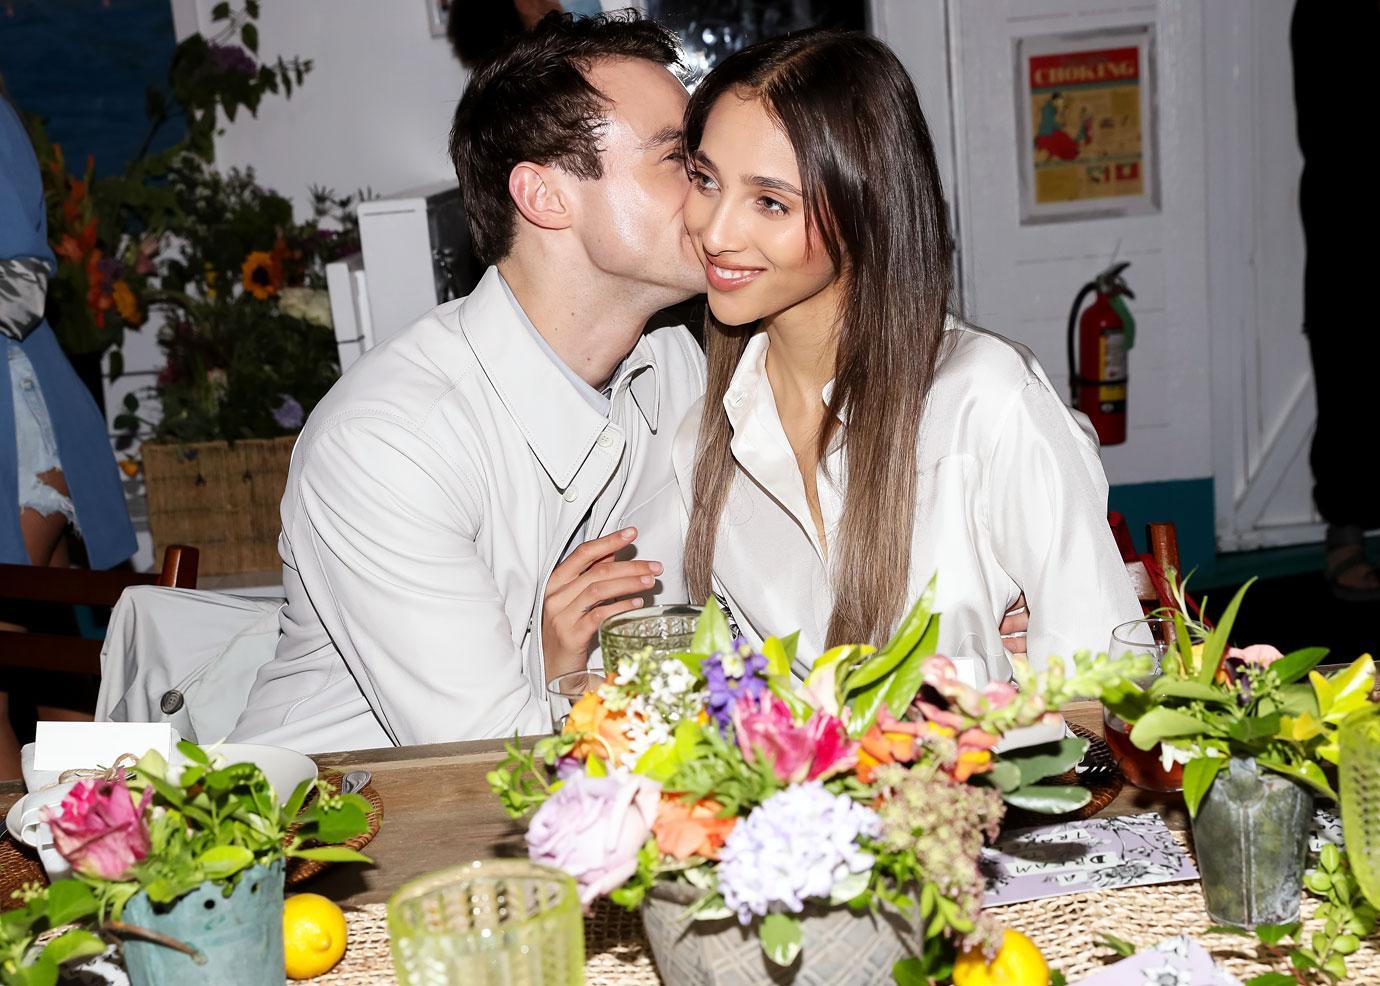 who is Yasmin Wijnaldum dating?